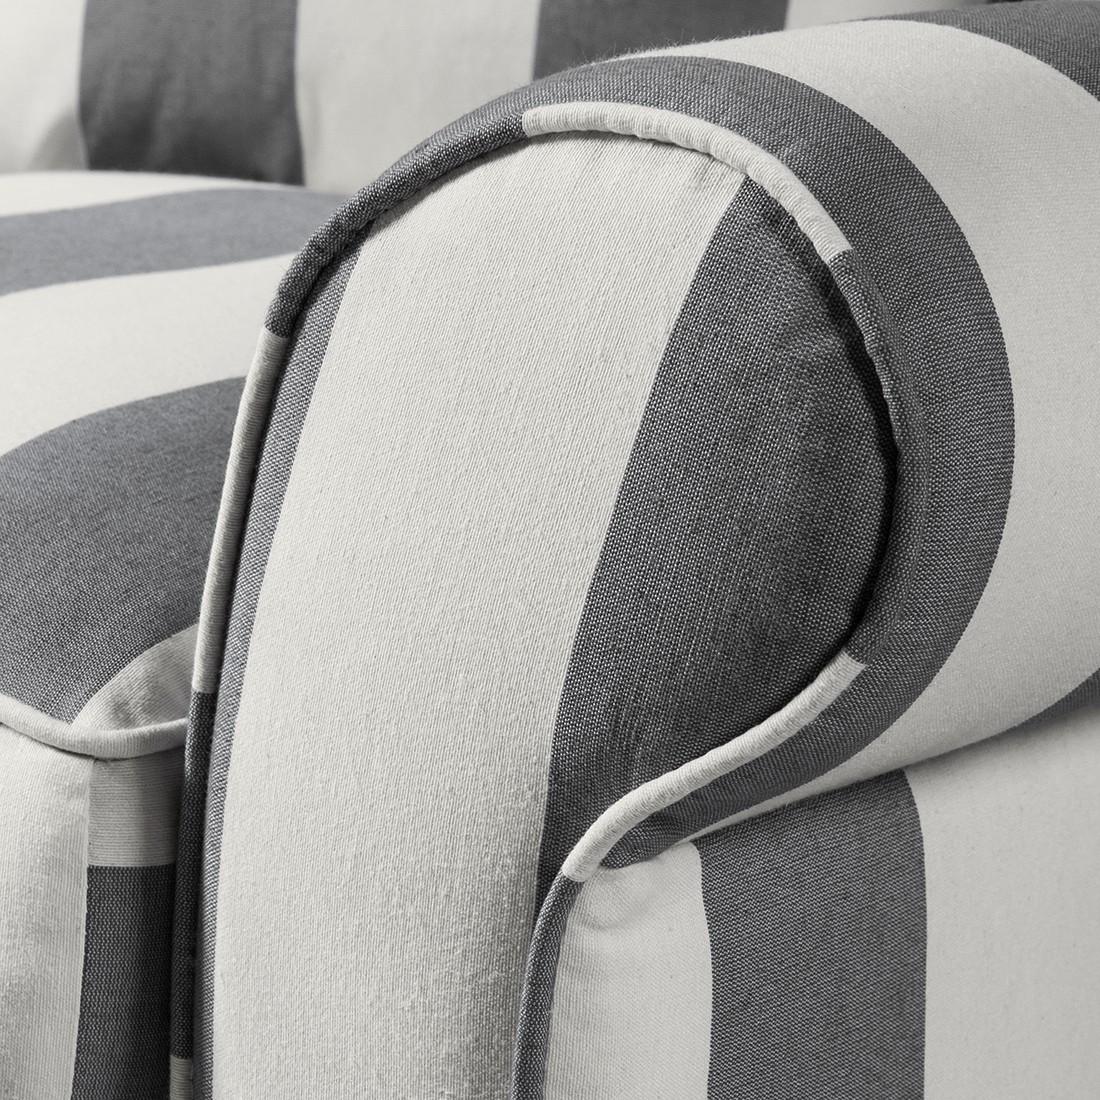 Ohrensessel COLMAR XXL - Webstoff Grau / Weiß